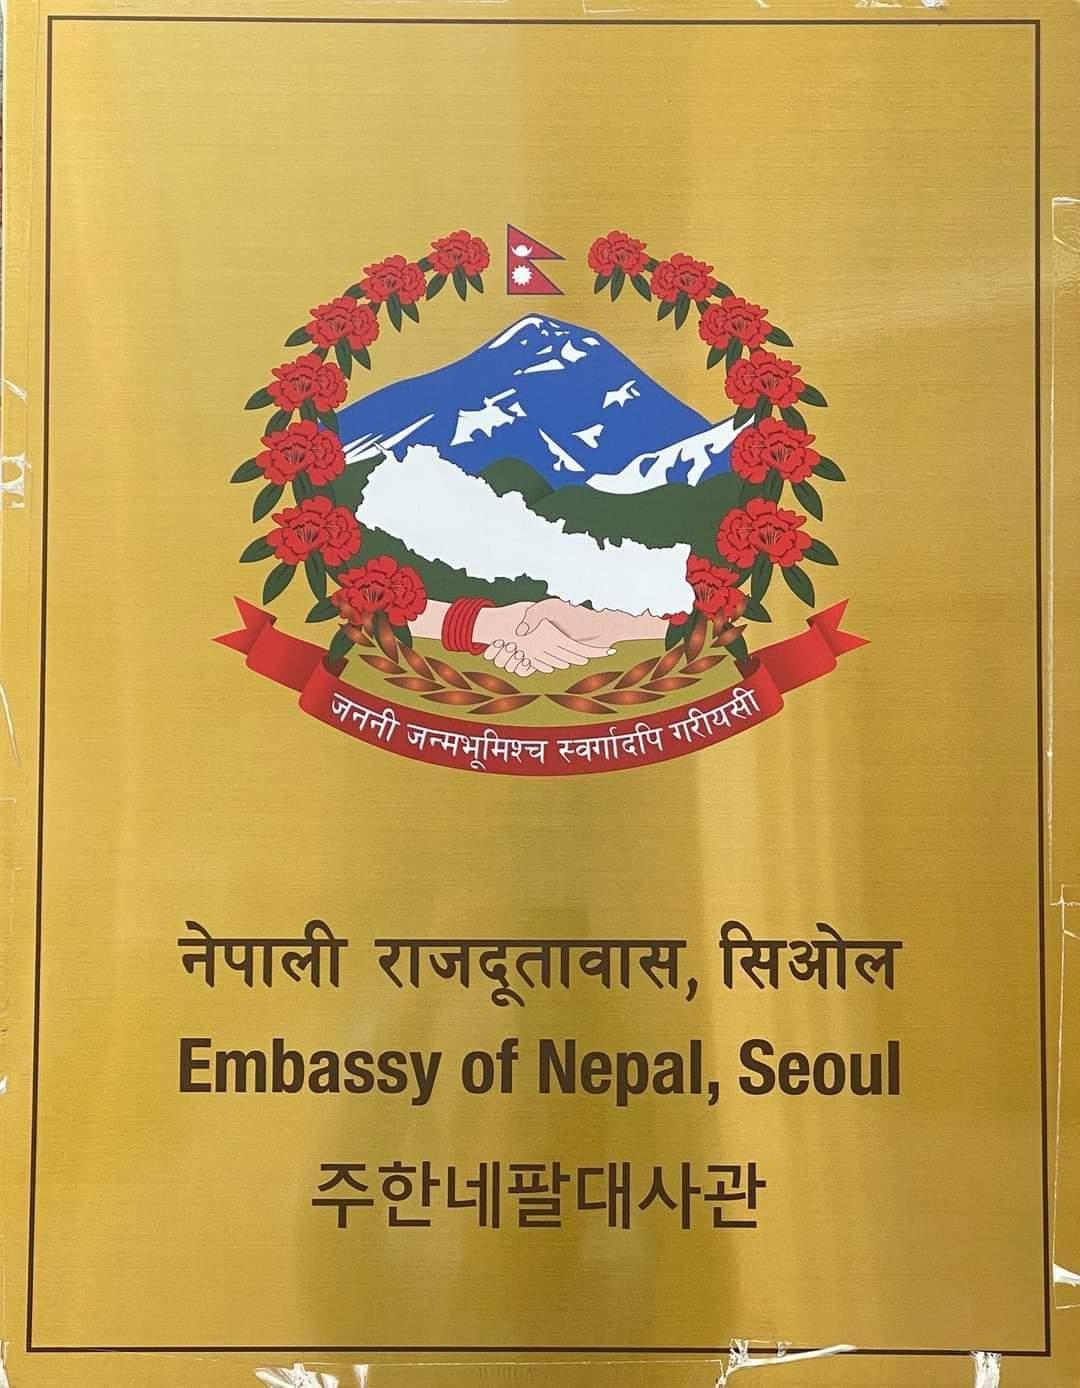 नेपाली राजदूतावास कोरियाले श्रमिकको लागि परामर्श अनलाइन कार्यक्रम गर्ने